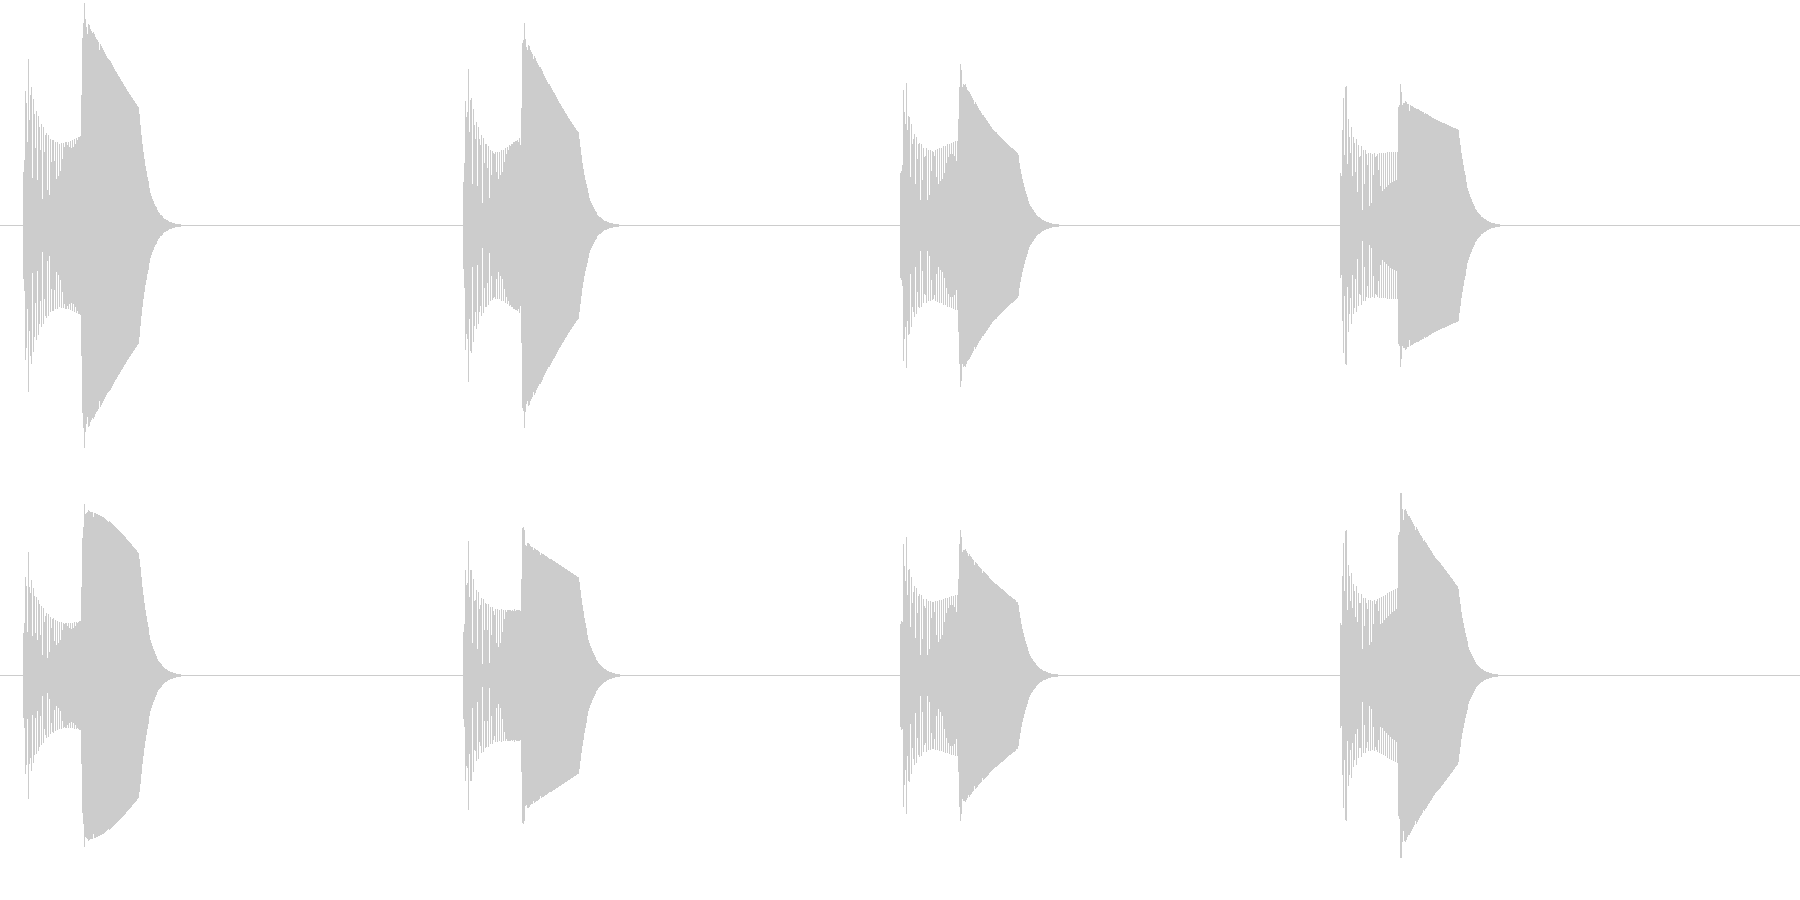 足音(ぴょこぴょこ)の未再生の波形